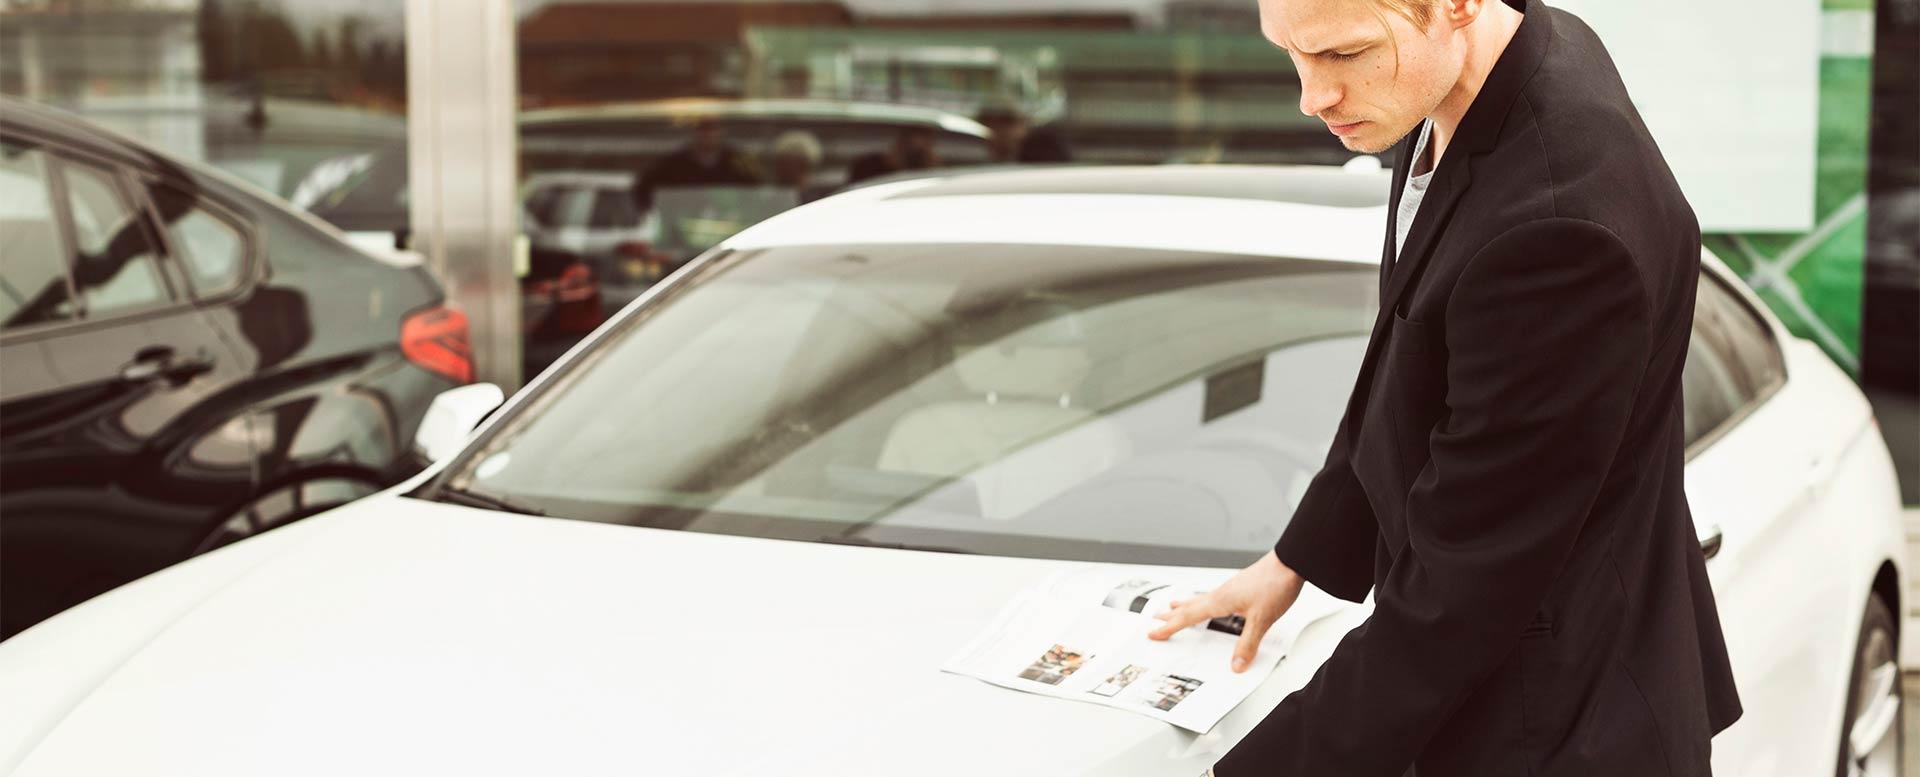 Genaue Prüfung beim Gebrauchtwagenkauf